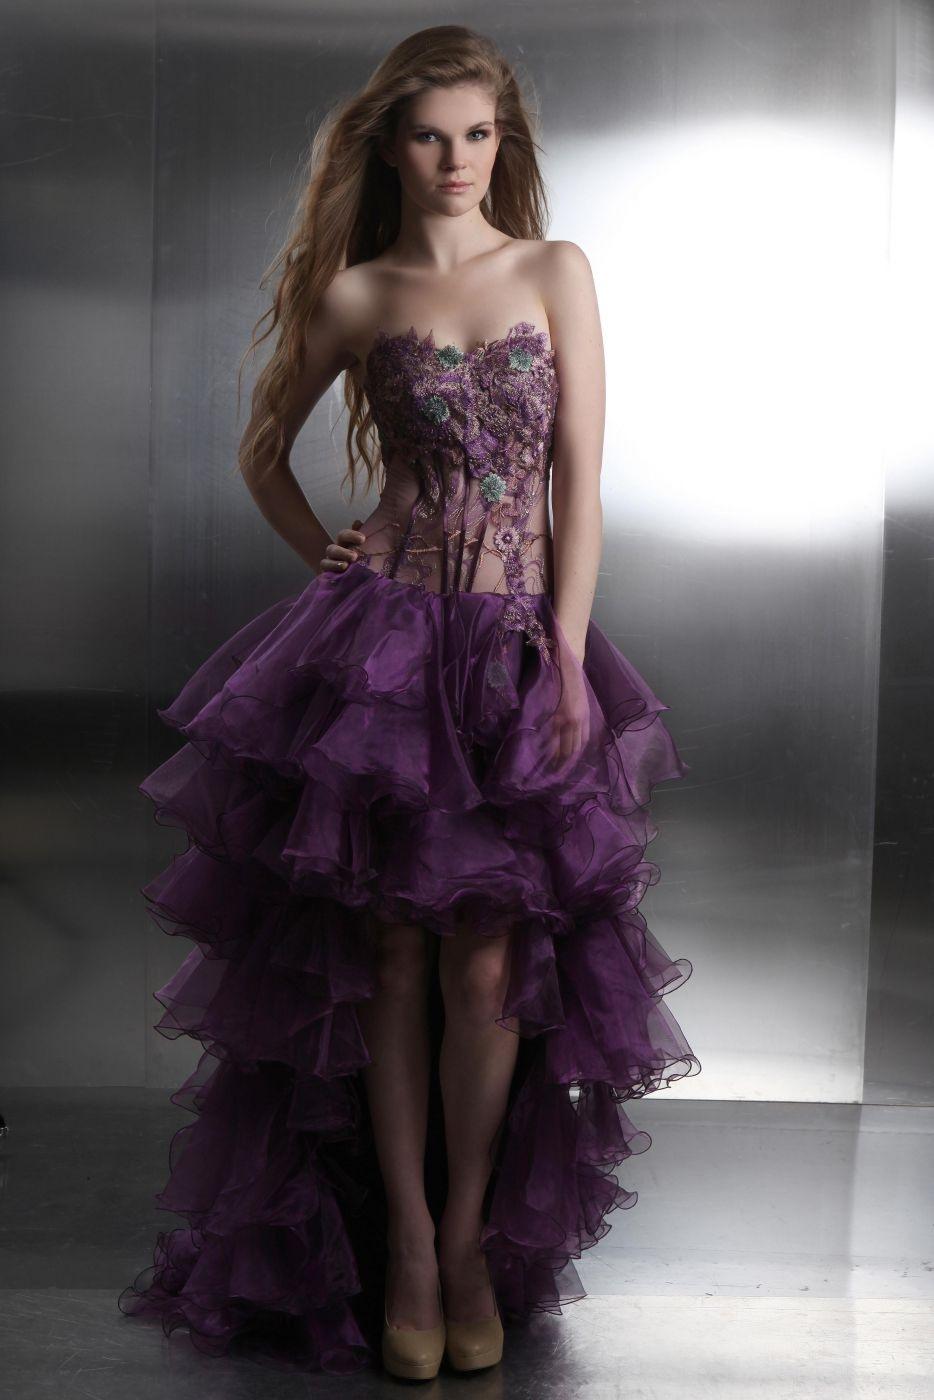 Designer Einfach Lila Kleid Festlich Boutique - Abendkleid